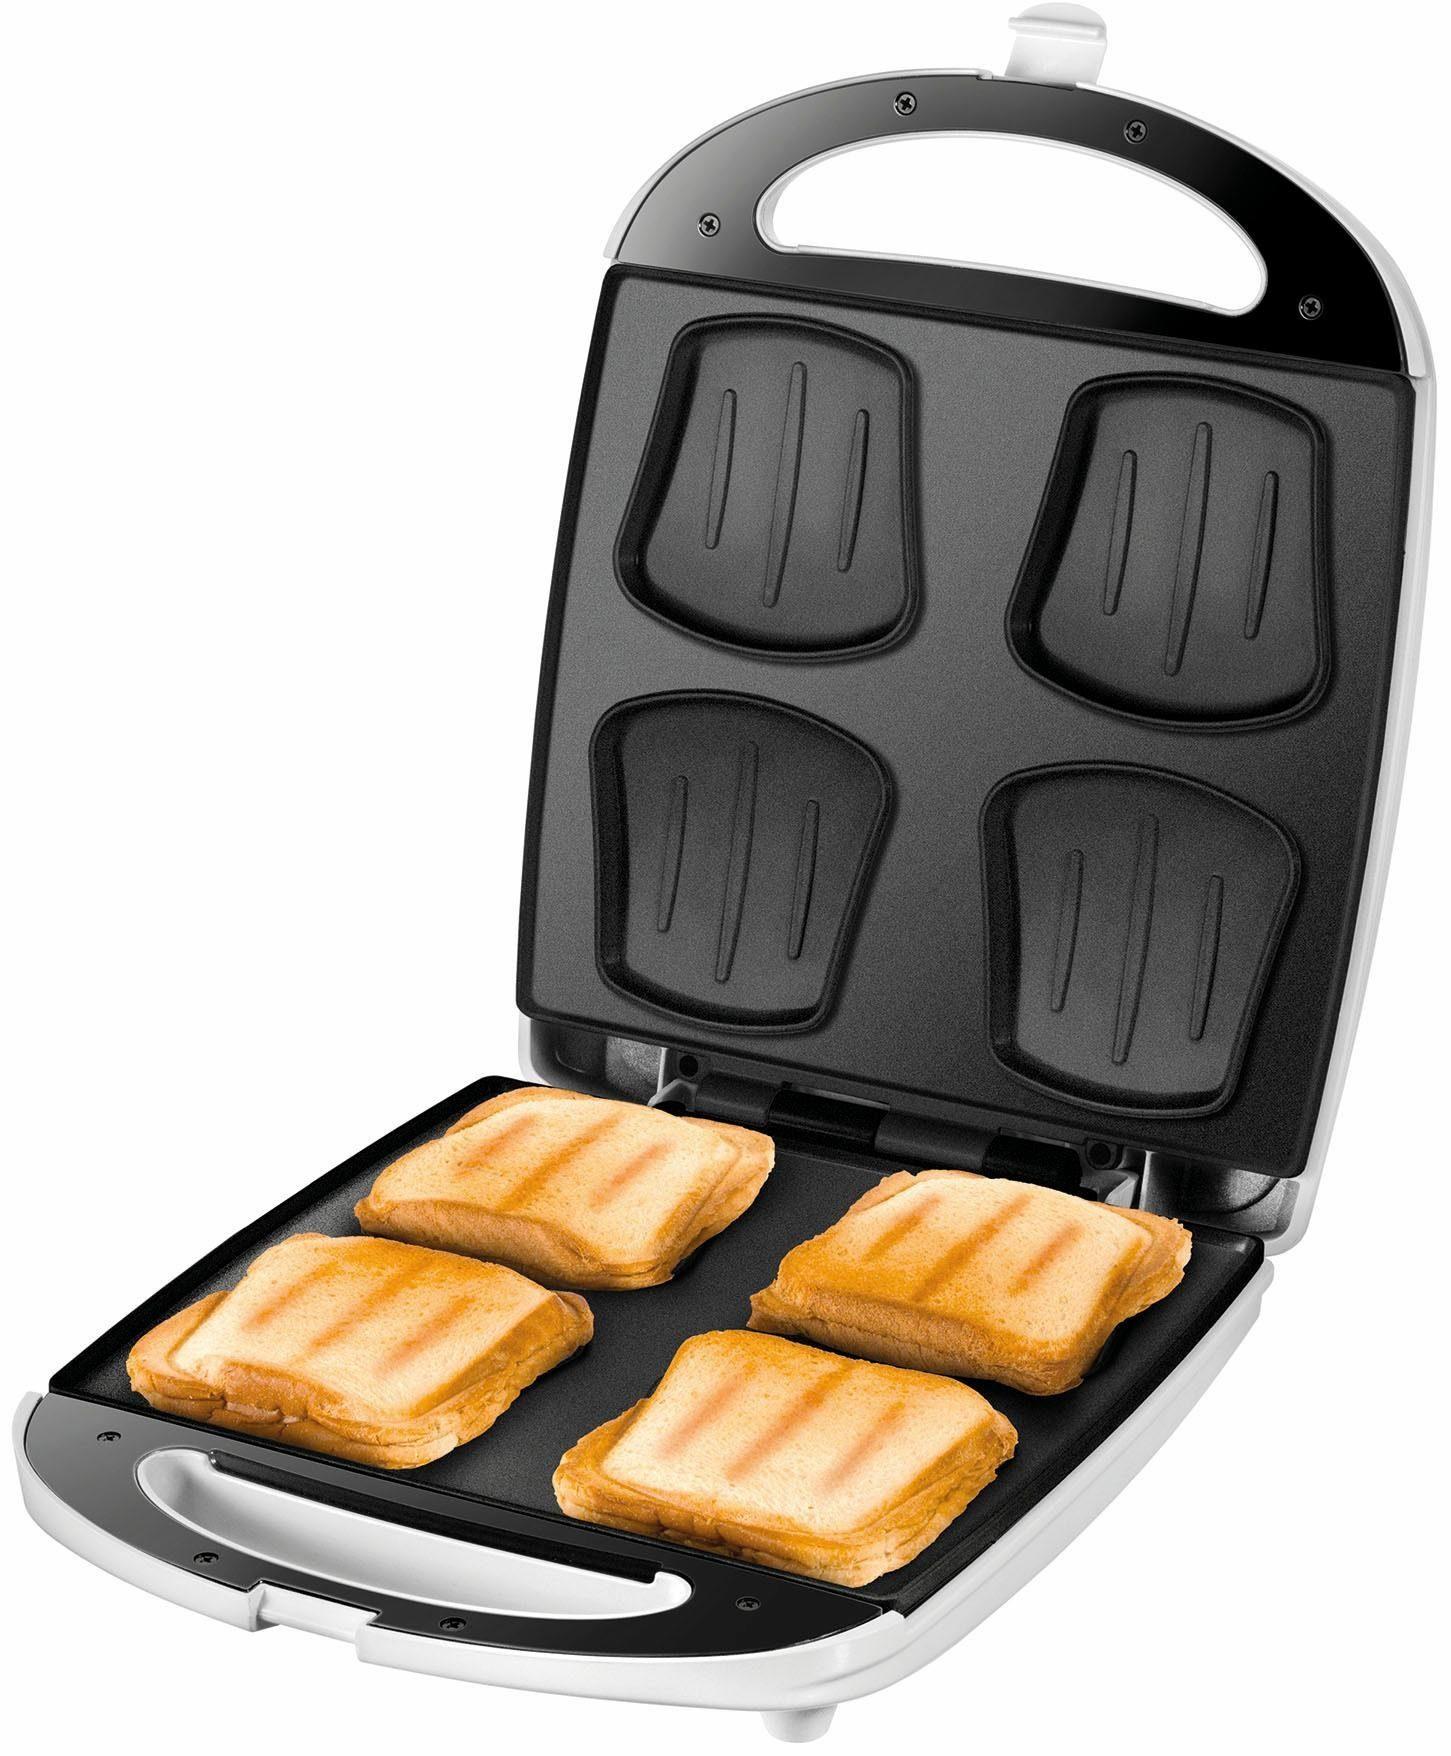 UNOLD® Sandwich-Toaster Quadro 48480